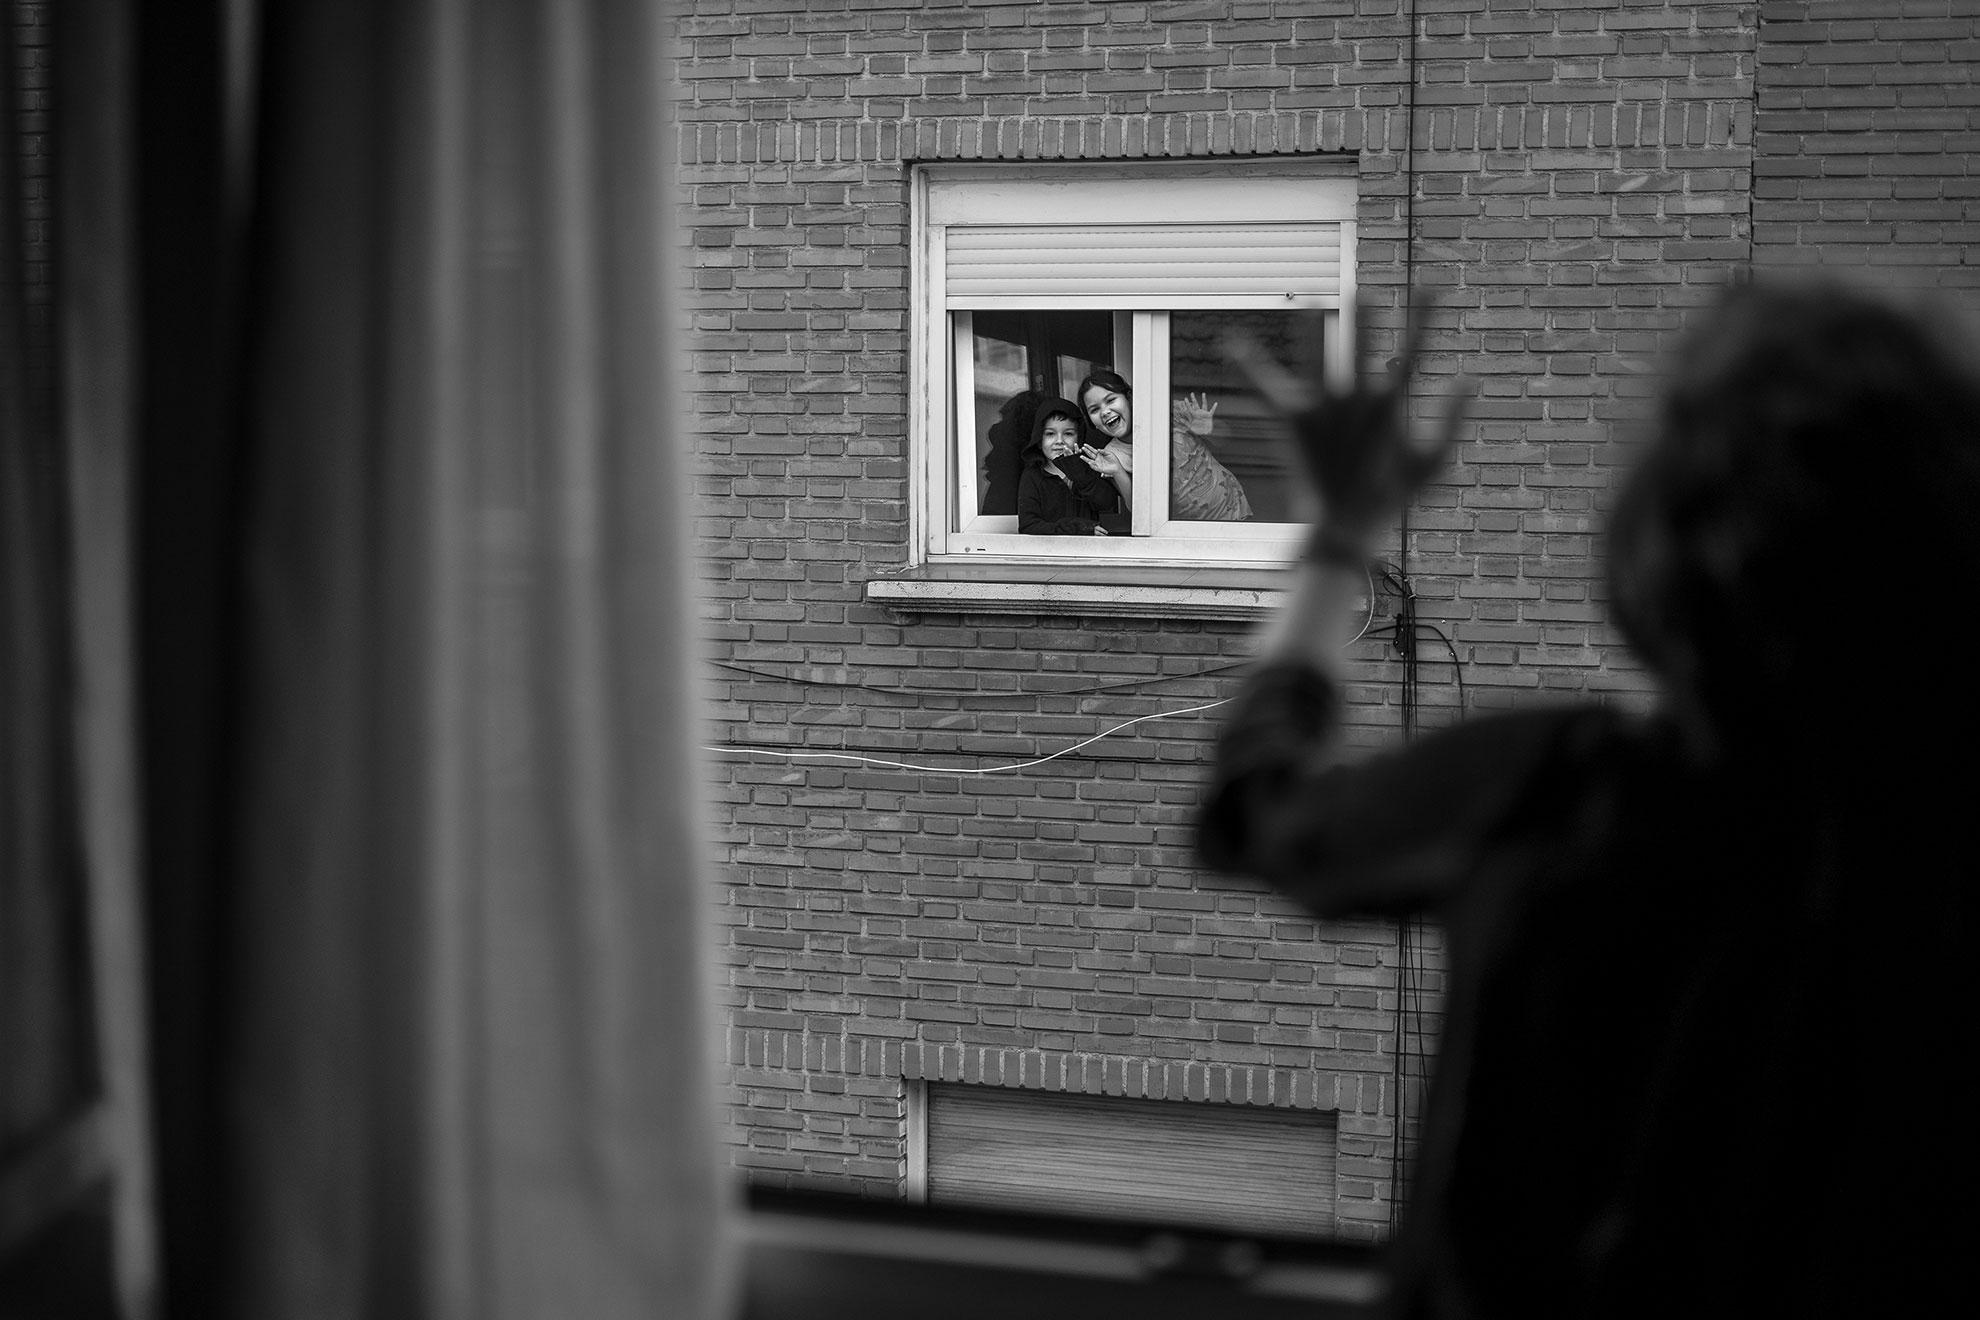 Ares y Amaia son mis vecinos de enfrente, cada día nos saludamos desde nuestras ventanas a las ocho de la tarde. Son los primeros en salir a aplaudir, un acontecimiento que no se han perdido ni un solo día, igual que no han pisado la calle en estos más de 40 días de confinamiento. Pero ayer celebraban a los cuatro vientos y con la dulzura especial de los niños que guardan ilusión, que a partir del 27 de abril ya tendrán permitido salir a la calle con ciertas restricciones. Ares, de seis años, también dice que va contando los días que faltan para que pueda bajar a la calle. Imagina con su hermana, de unos 10 años, cómo será ese día. Saben que no podrán ir a los parques porque están precintados y que serán salidas cortas, pero ella dice que se conforma con bajar y subir nuestra calle en patines. Seguro que serán más responsables que muchos adultos. Mi aplauso también va para ellos.